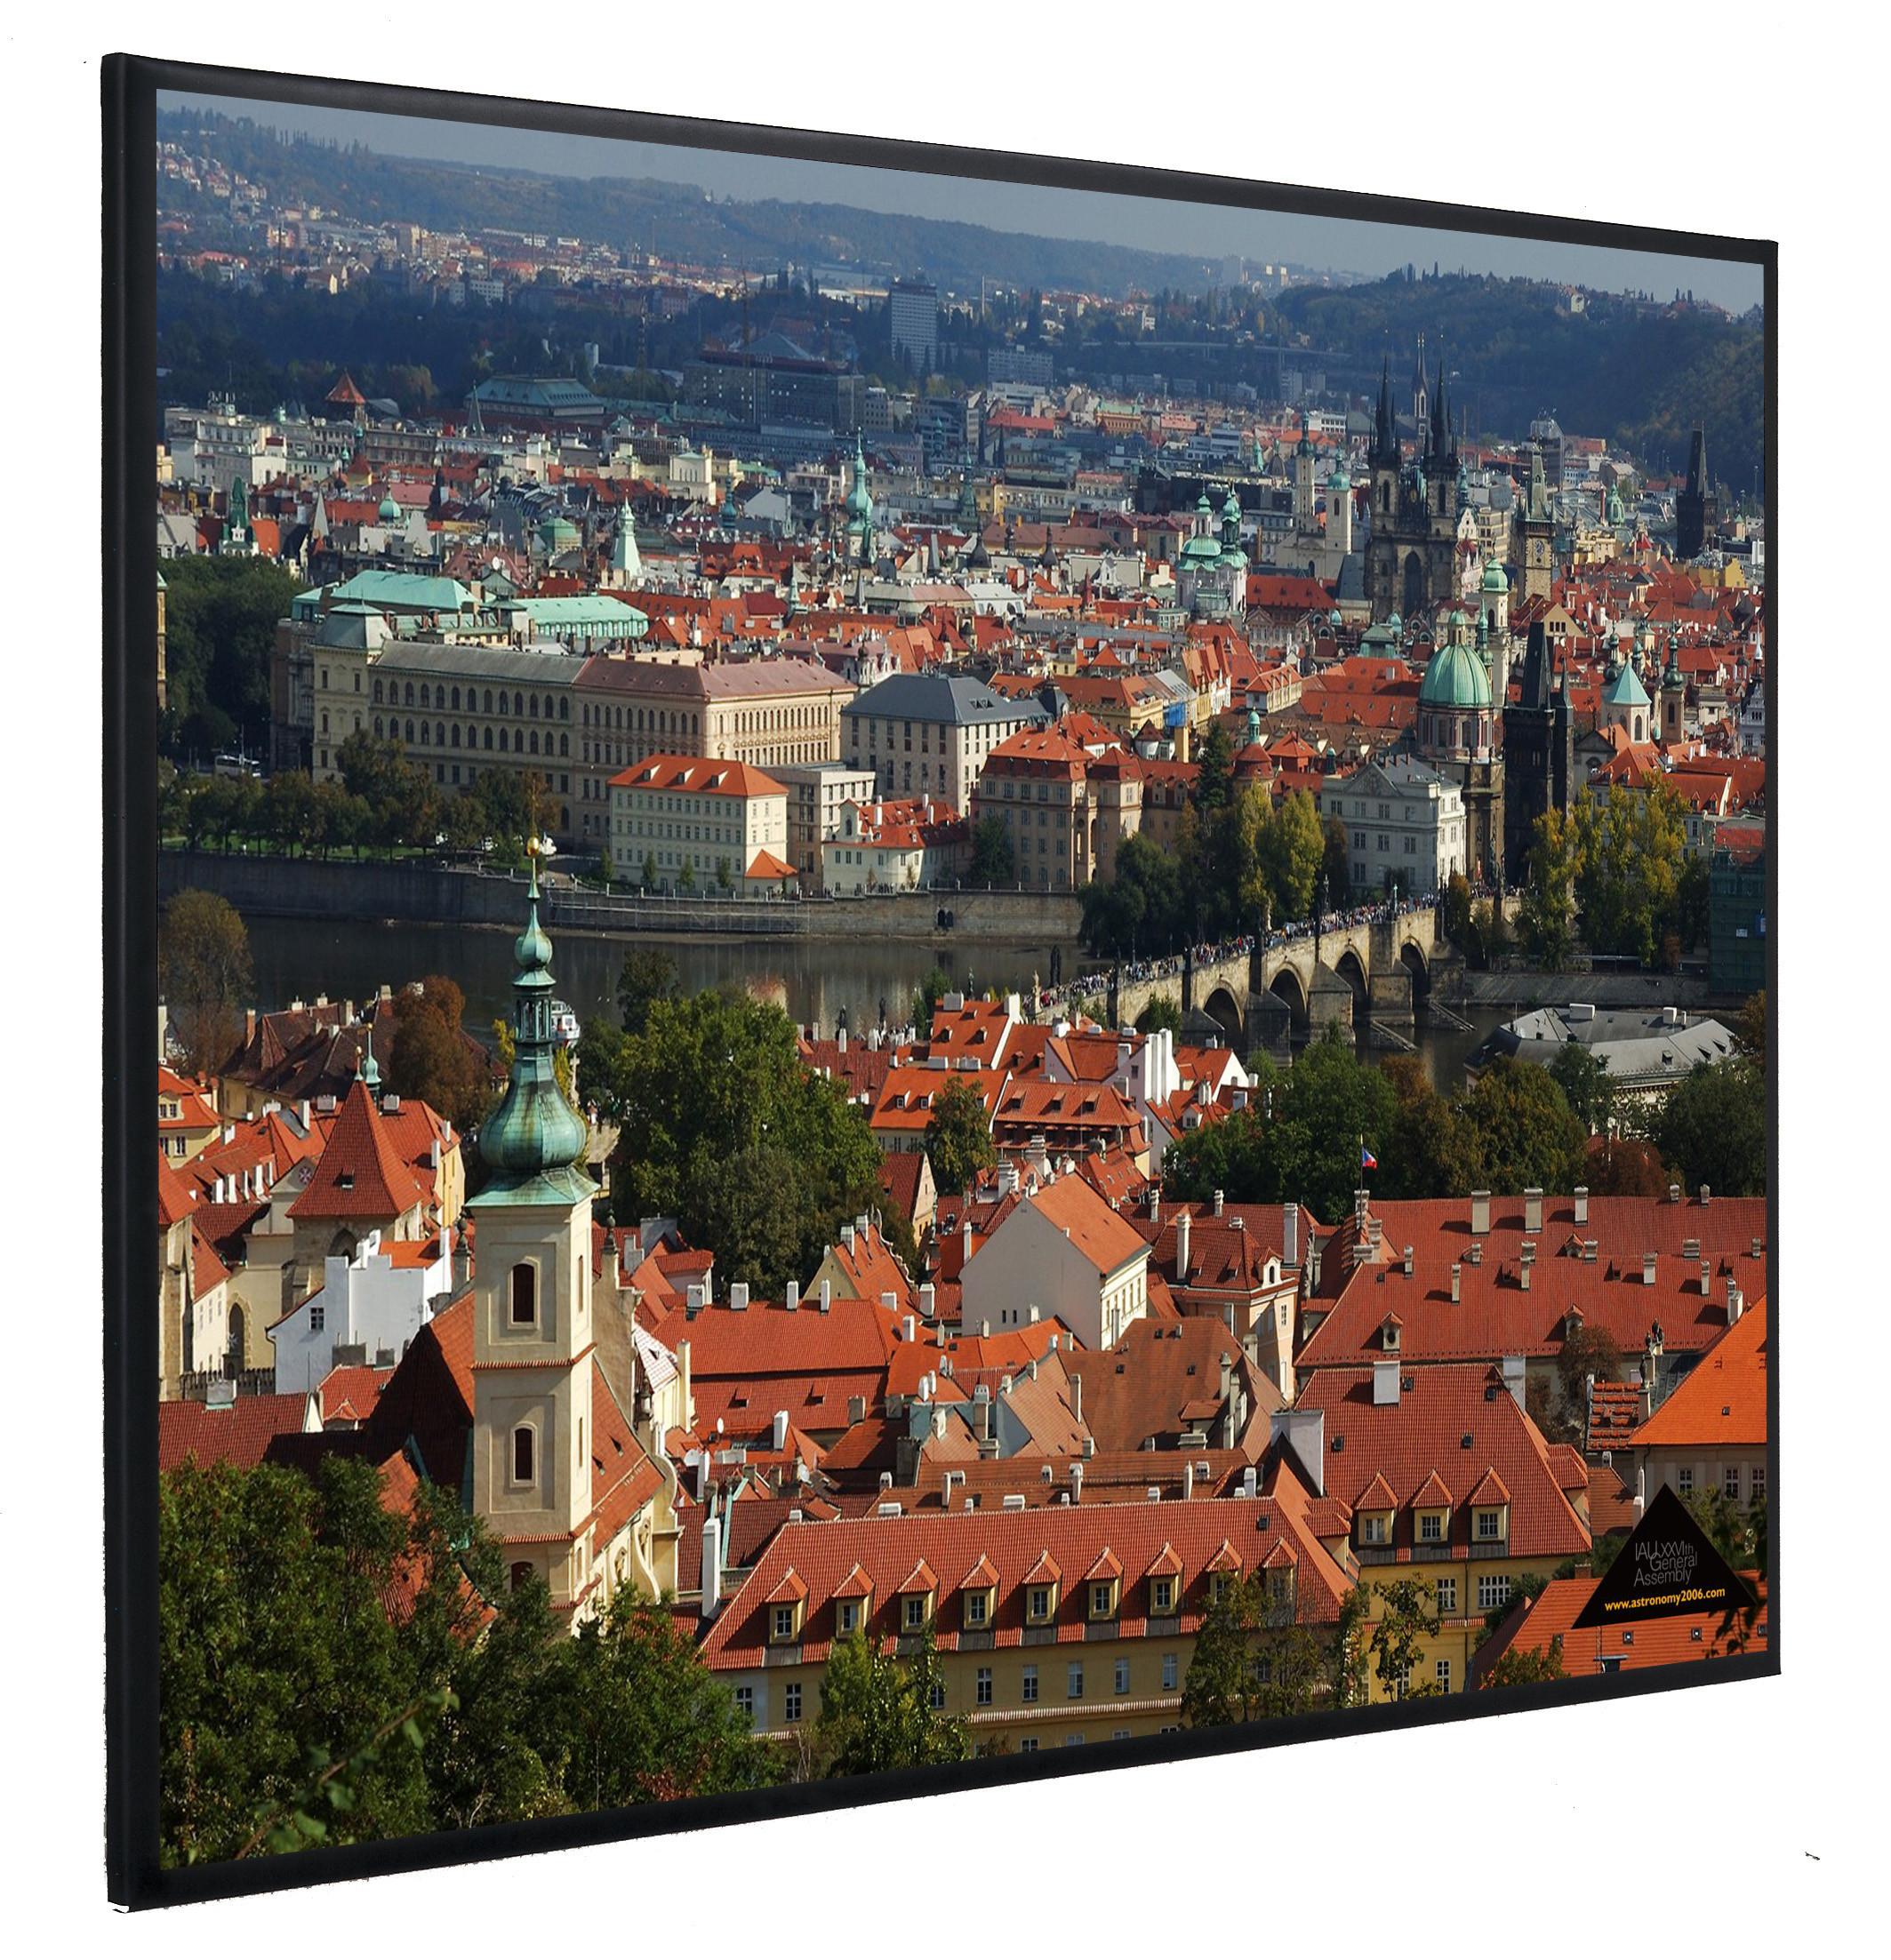 Vision Light 160 x 120 cm video format og Veltex ramme